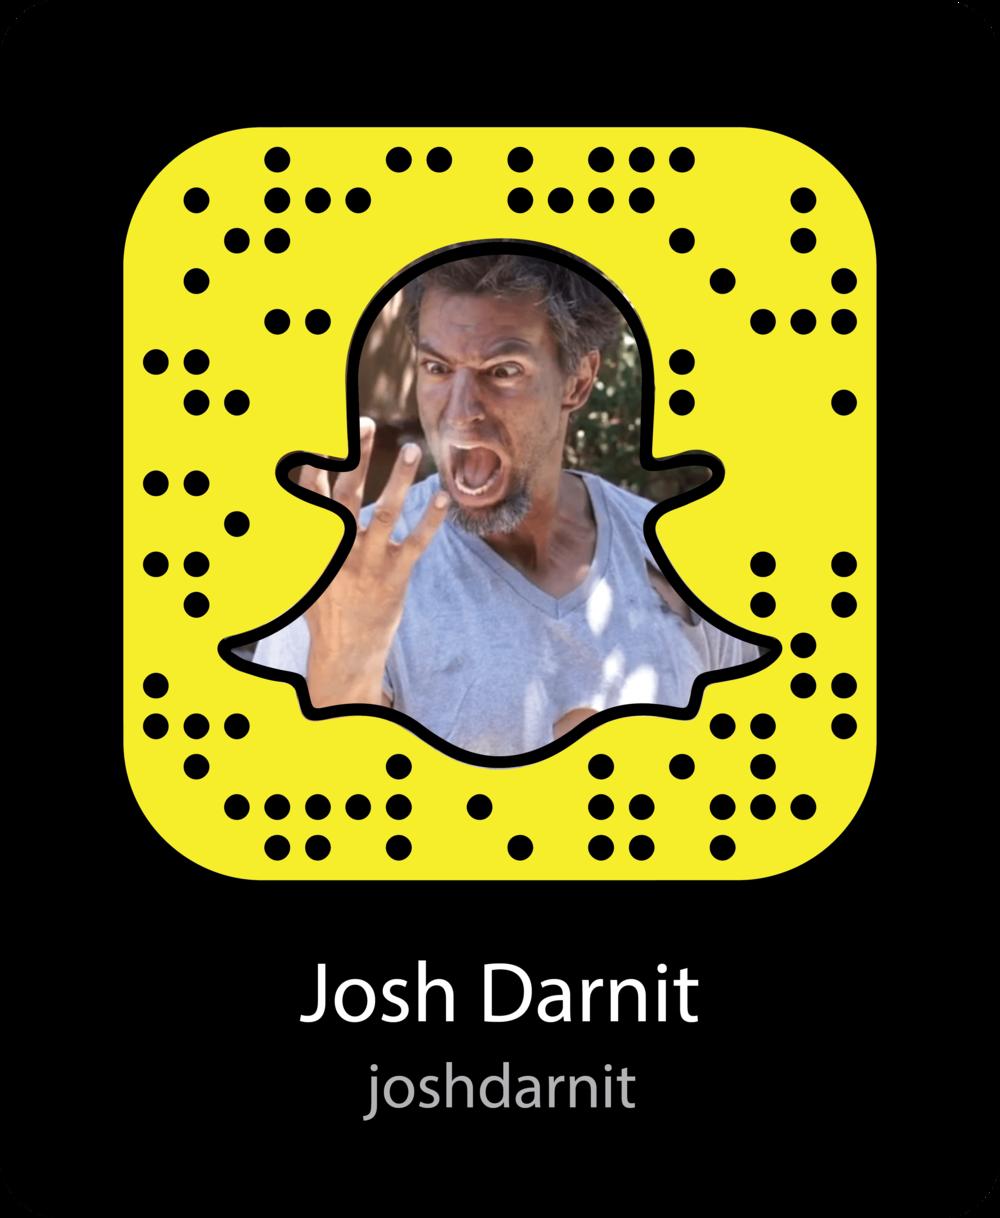 josh-darnit-vine-celebrity-snapchat-snapcode